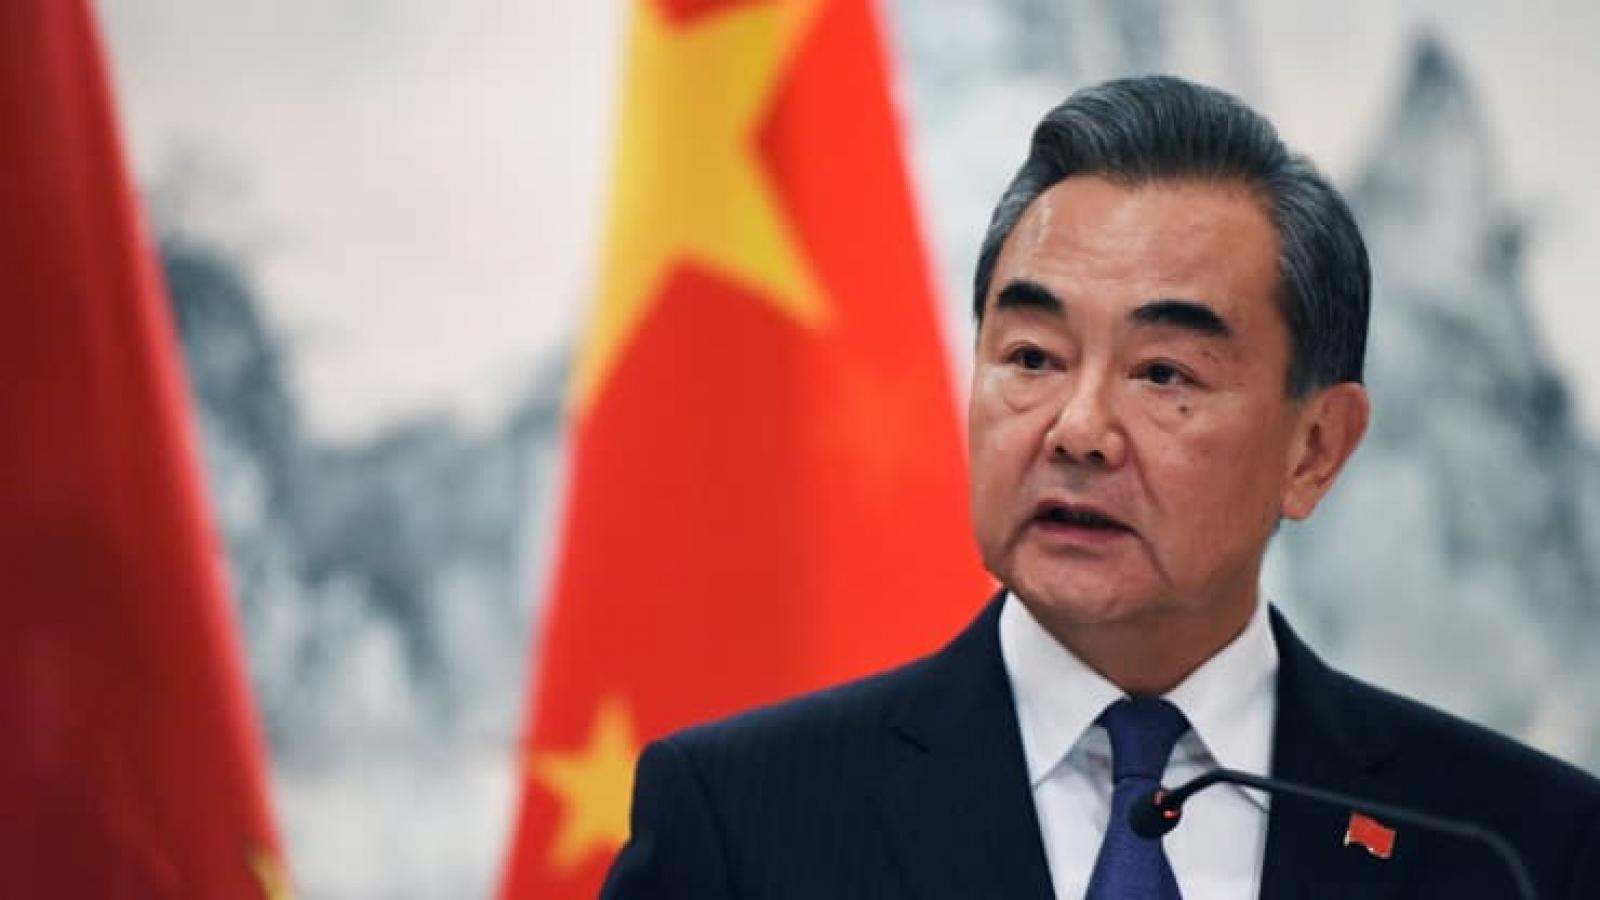 Bộ trưởng Ngoại giao Trung Quốc thăm chính thức Việt Nam, thúc đẩy quan hệ song phương